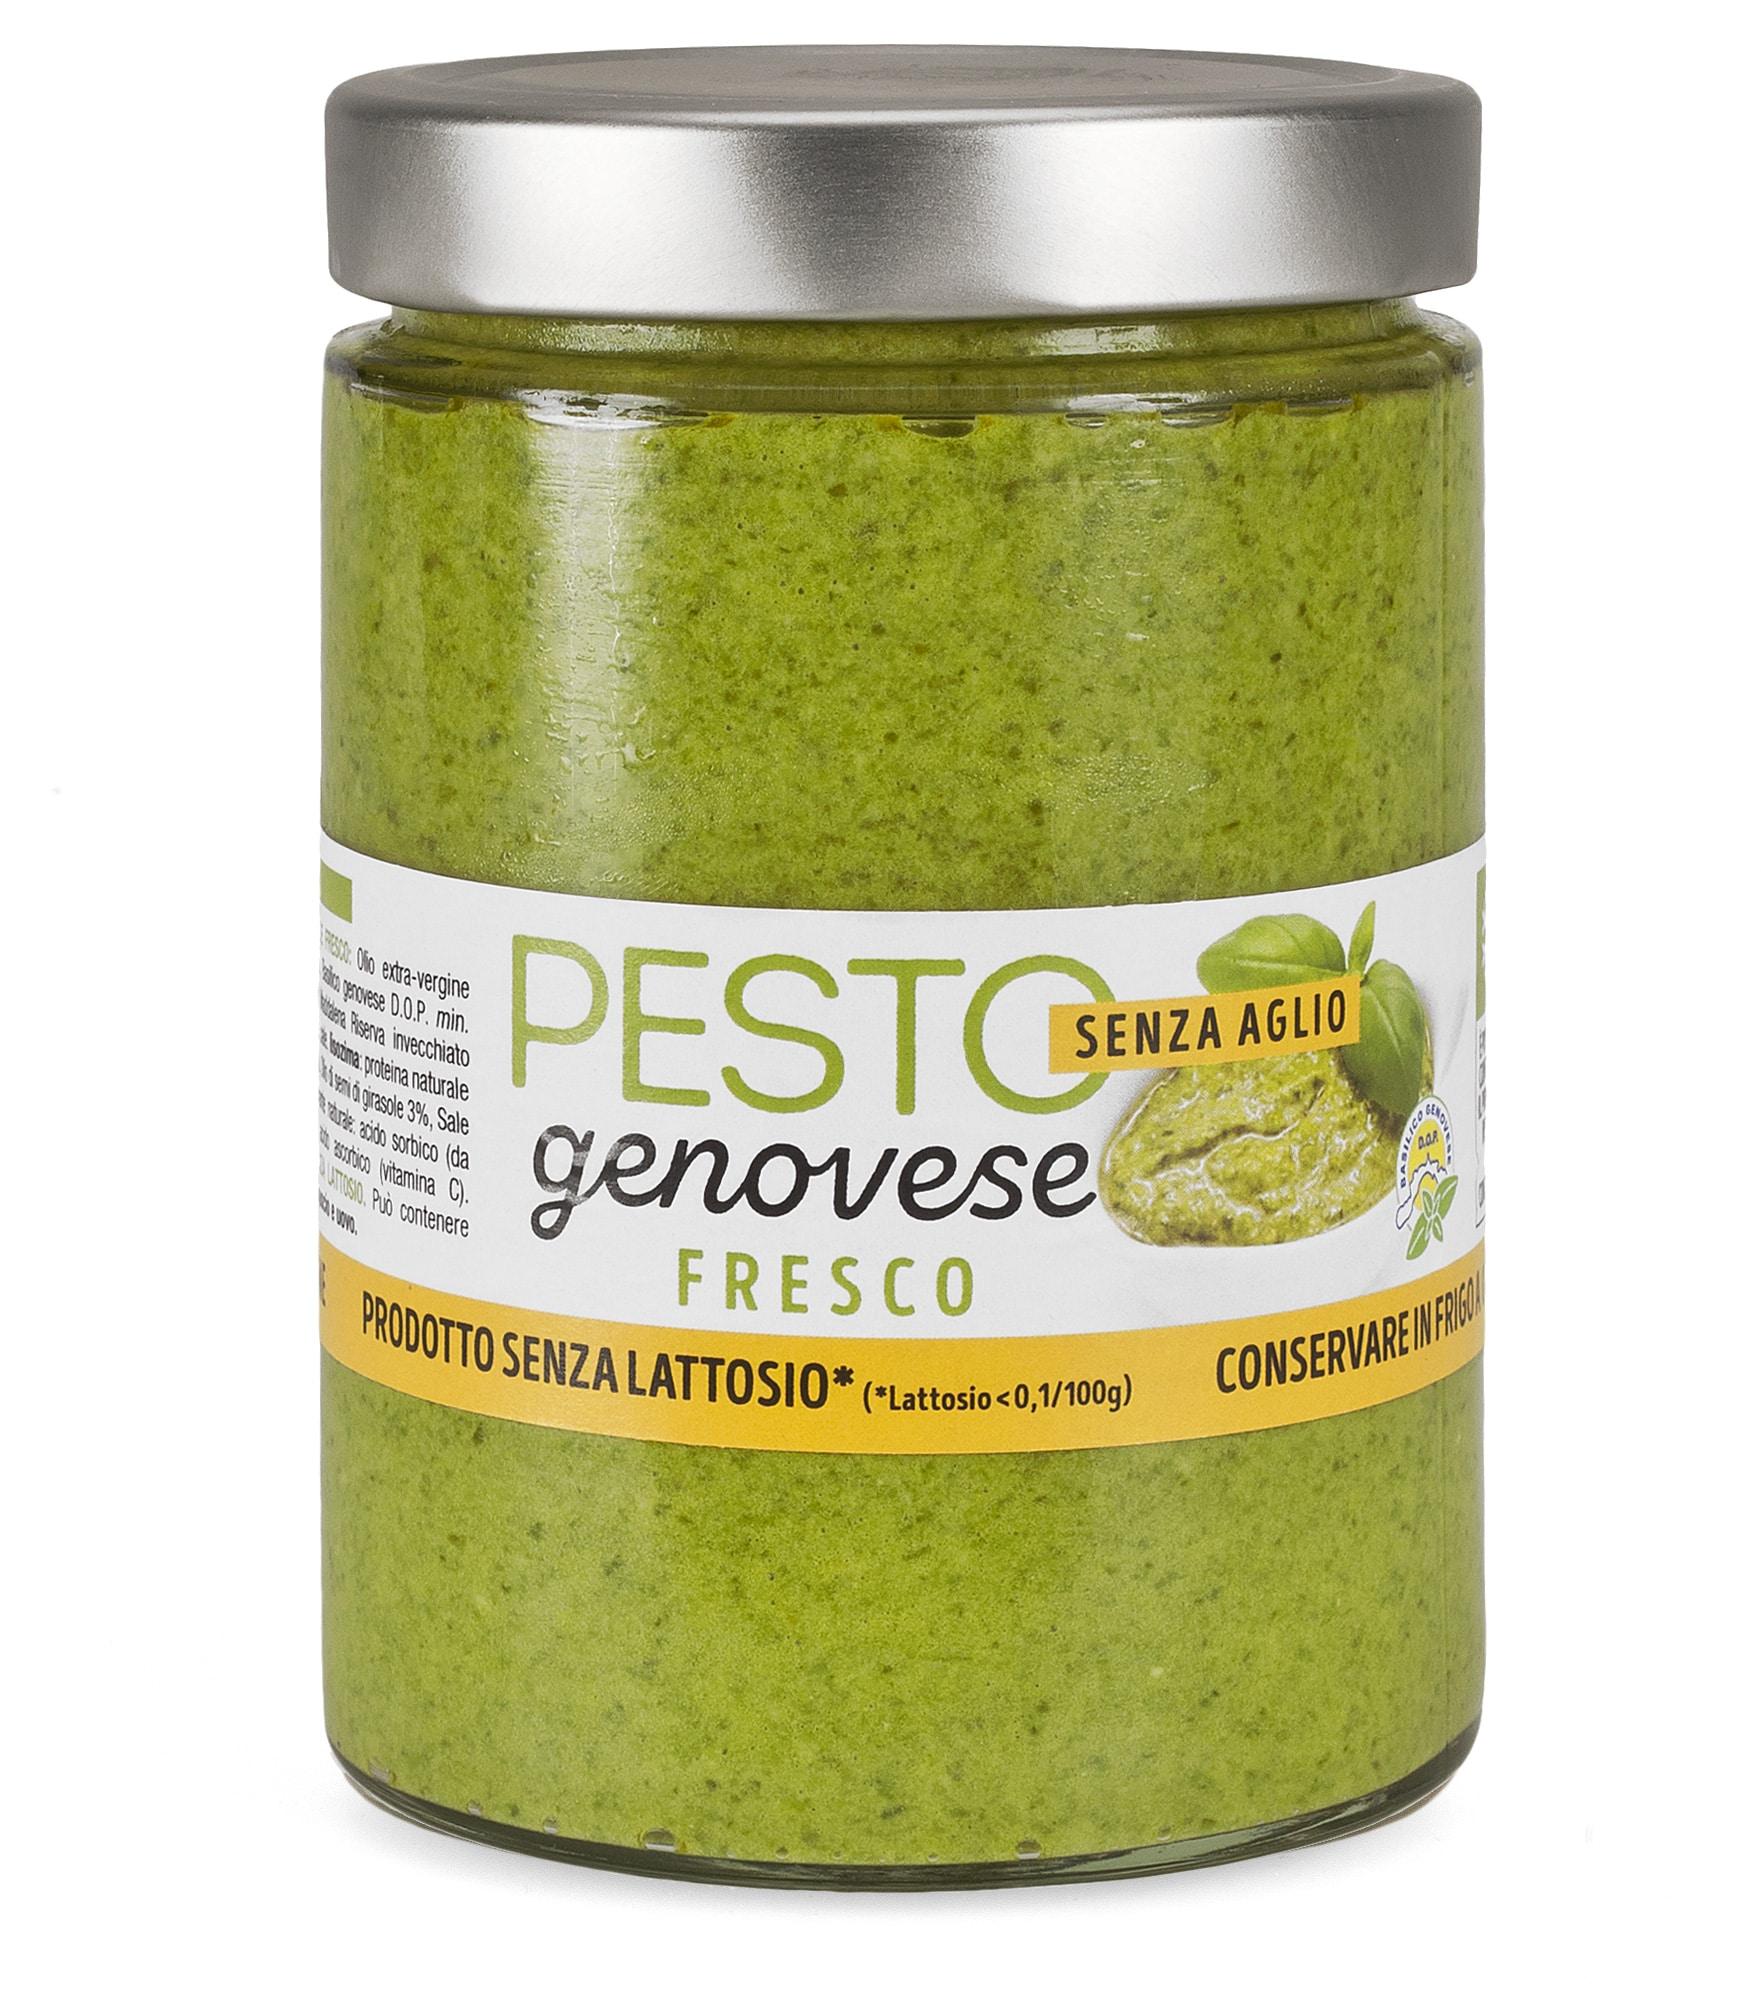 Pesto alla Genovese Fresco senza aglio in vaso da 500 gr